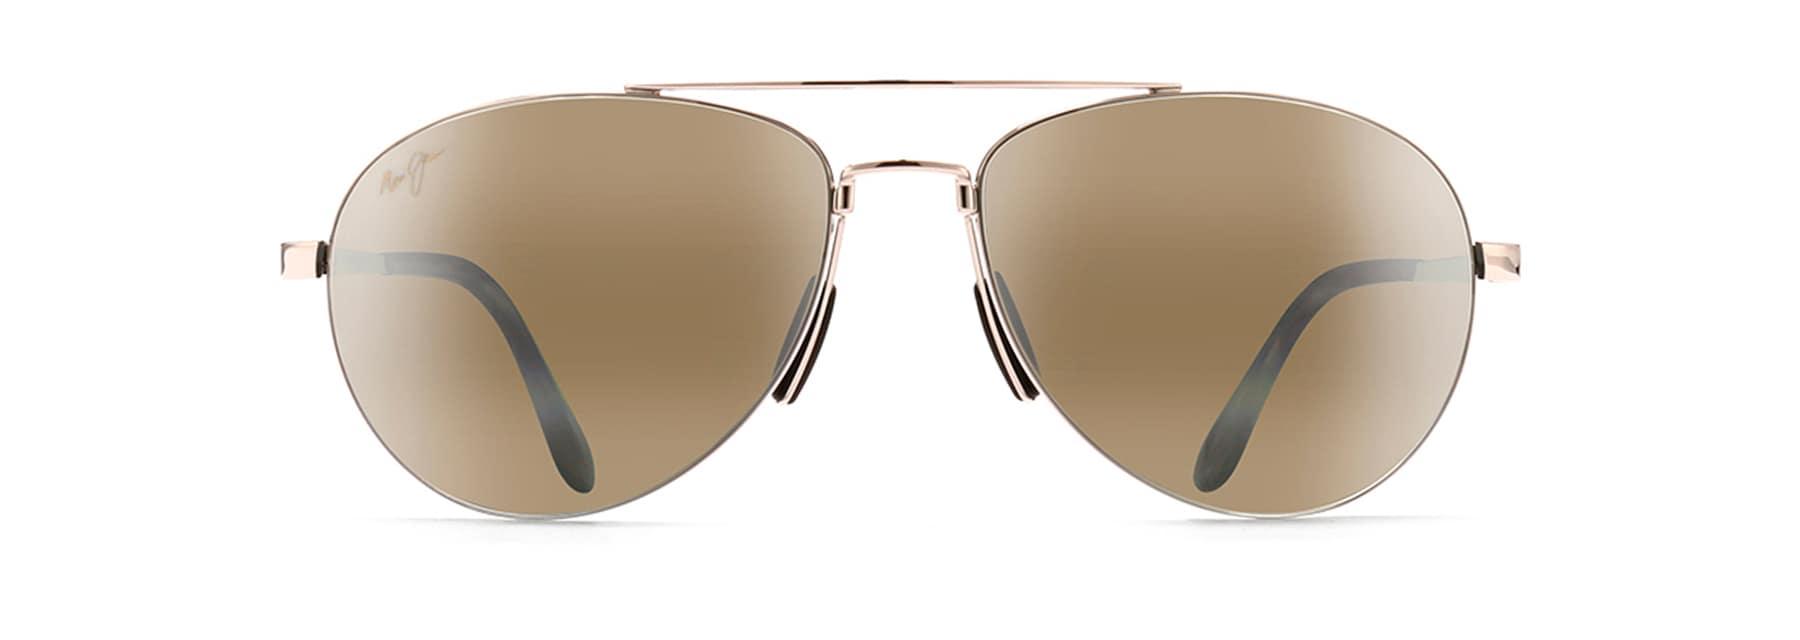 c0ea2300c33 Pilot Polarised Sunglasses